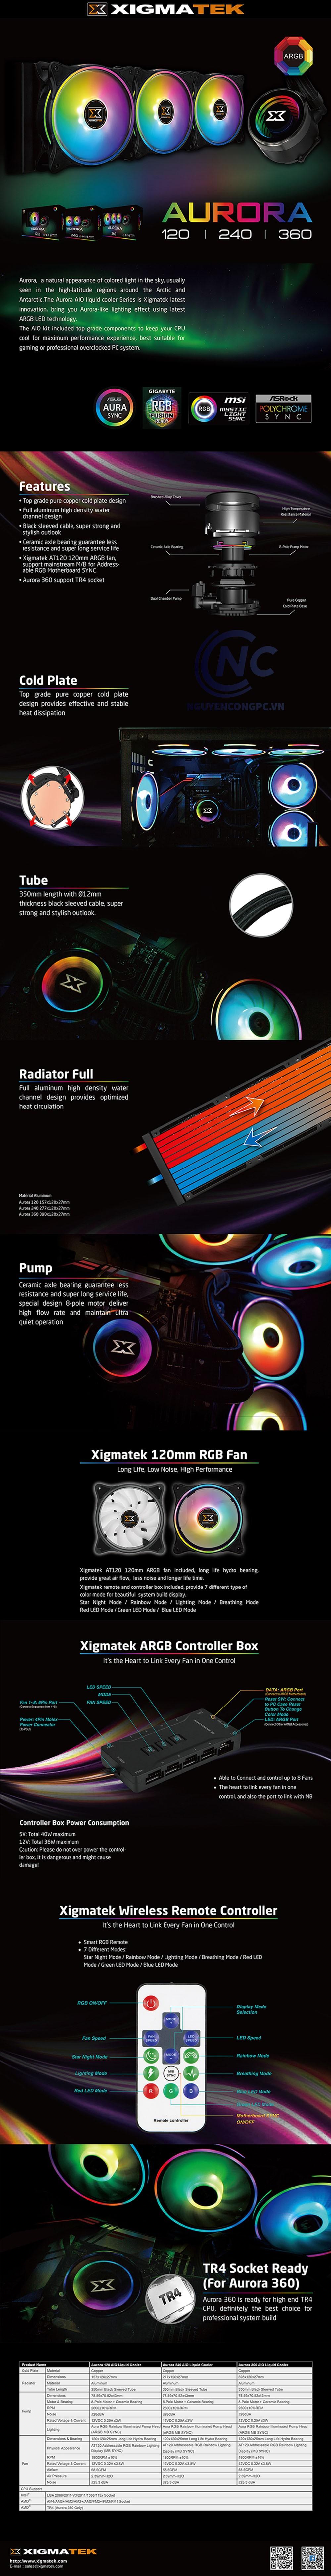 AIO Xigmatek Aurora 360 RGB spec